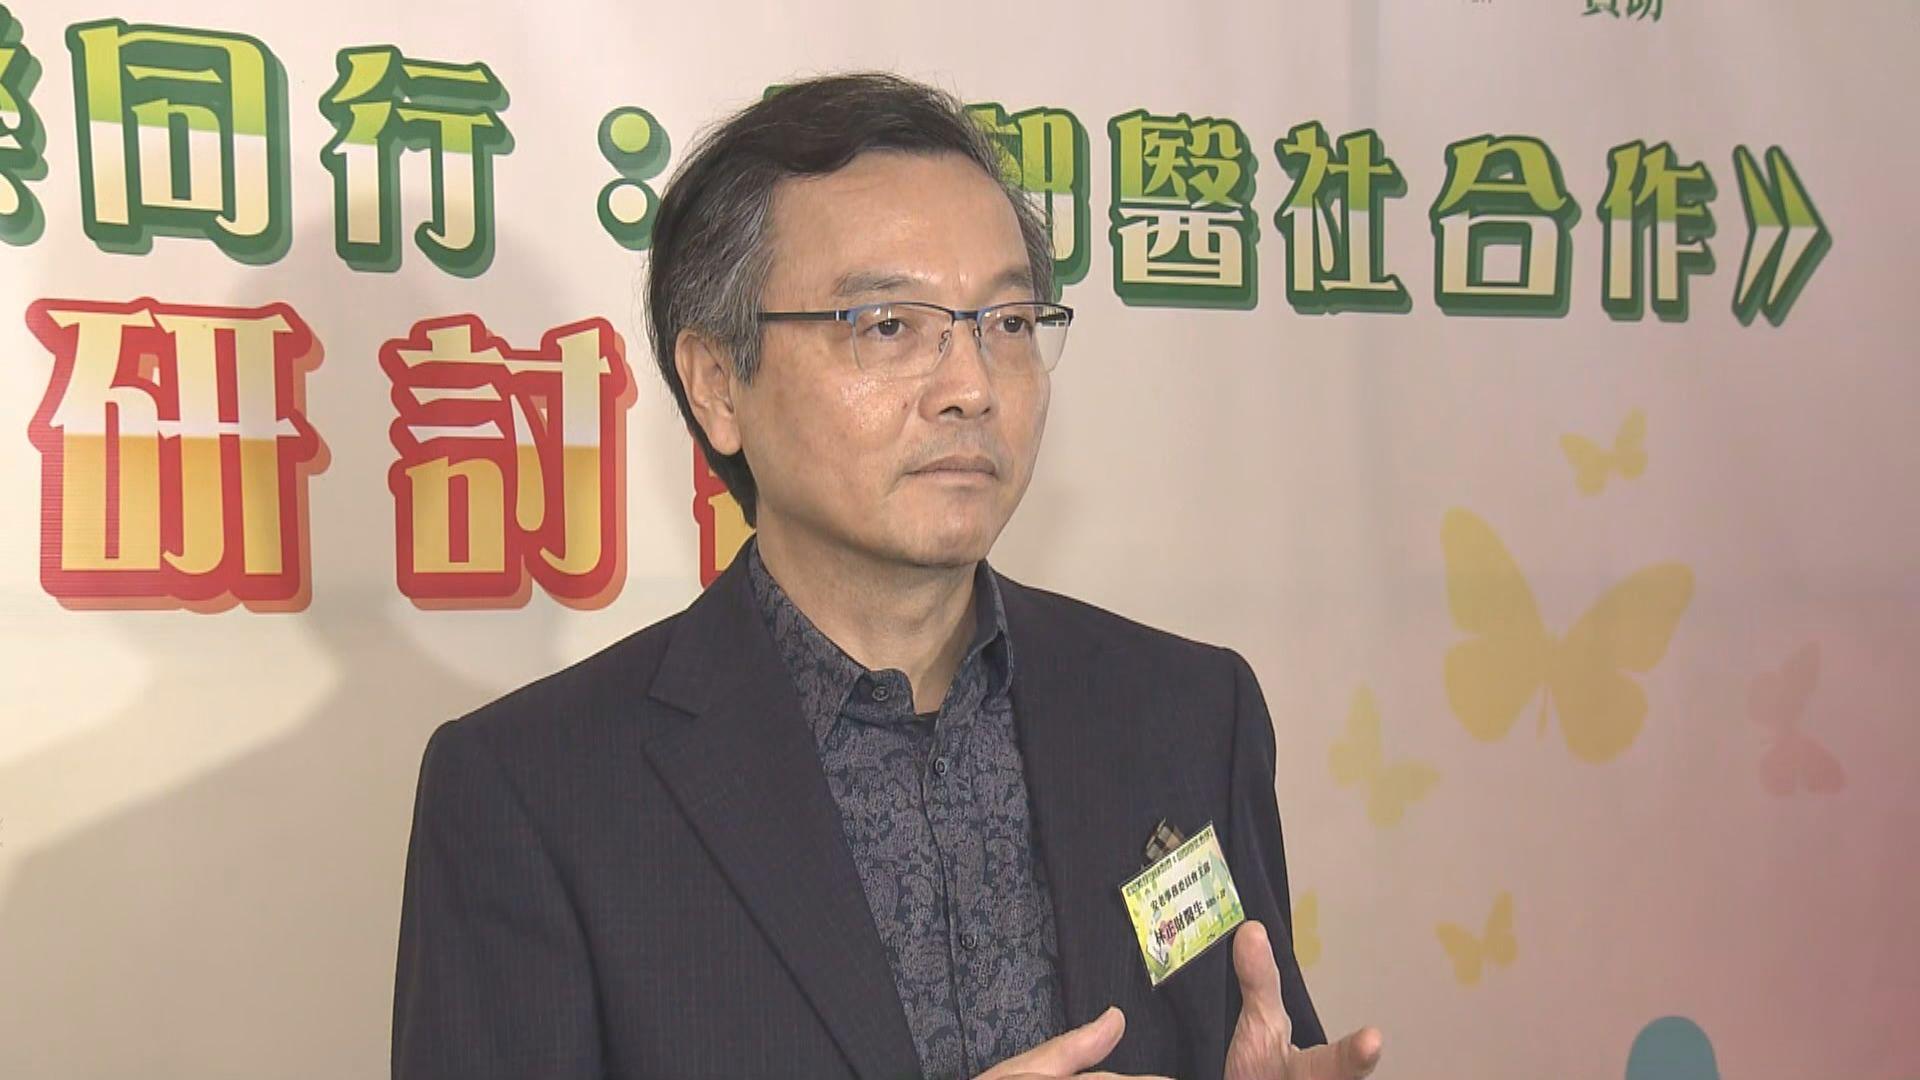 林正財:社會需創有利長者工作環境